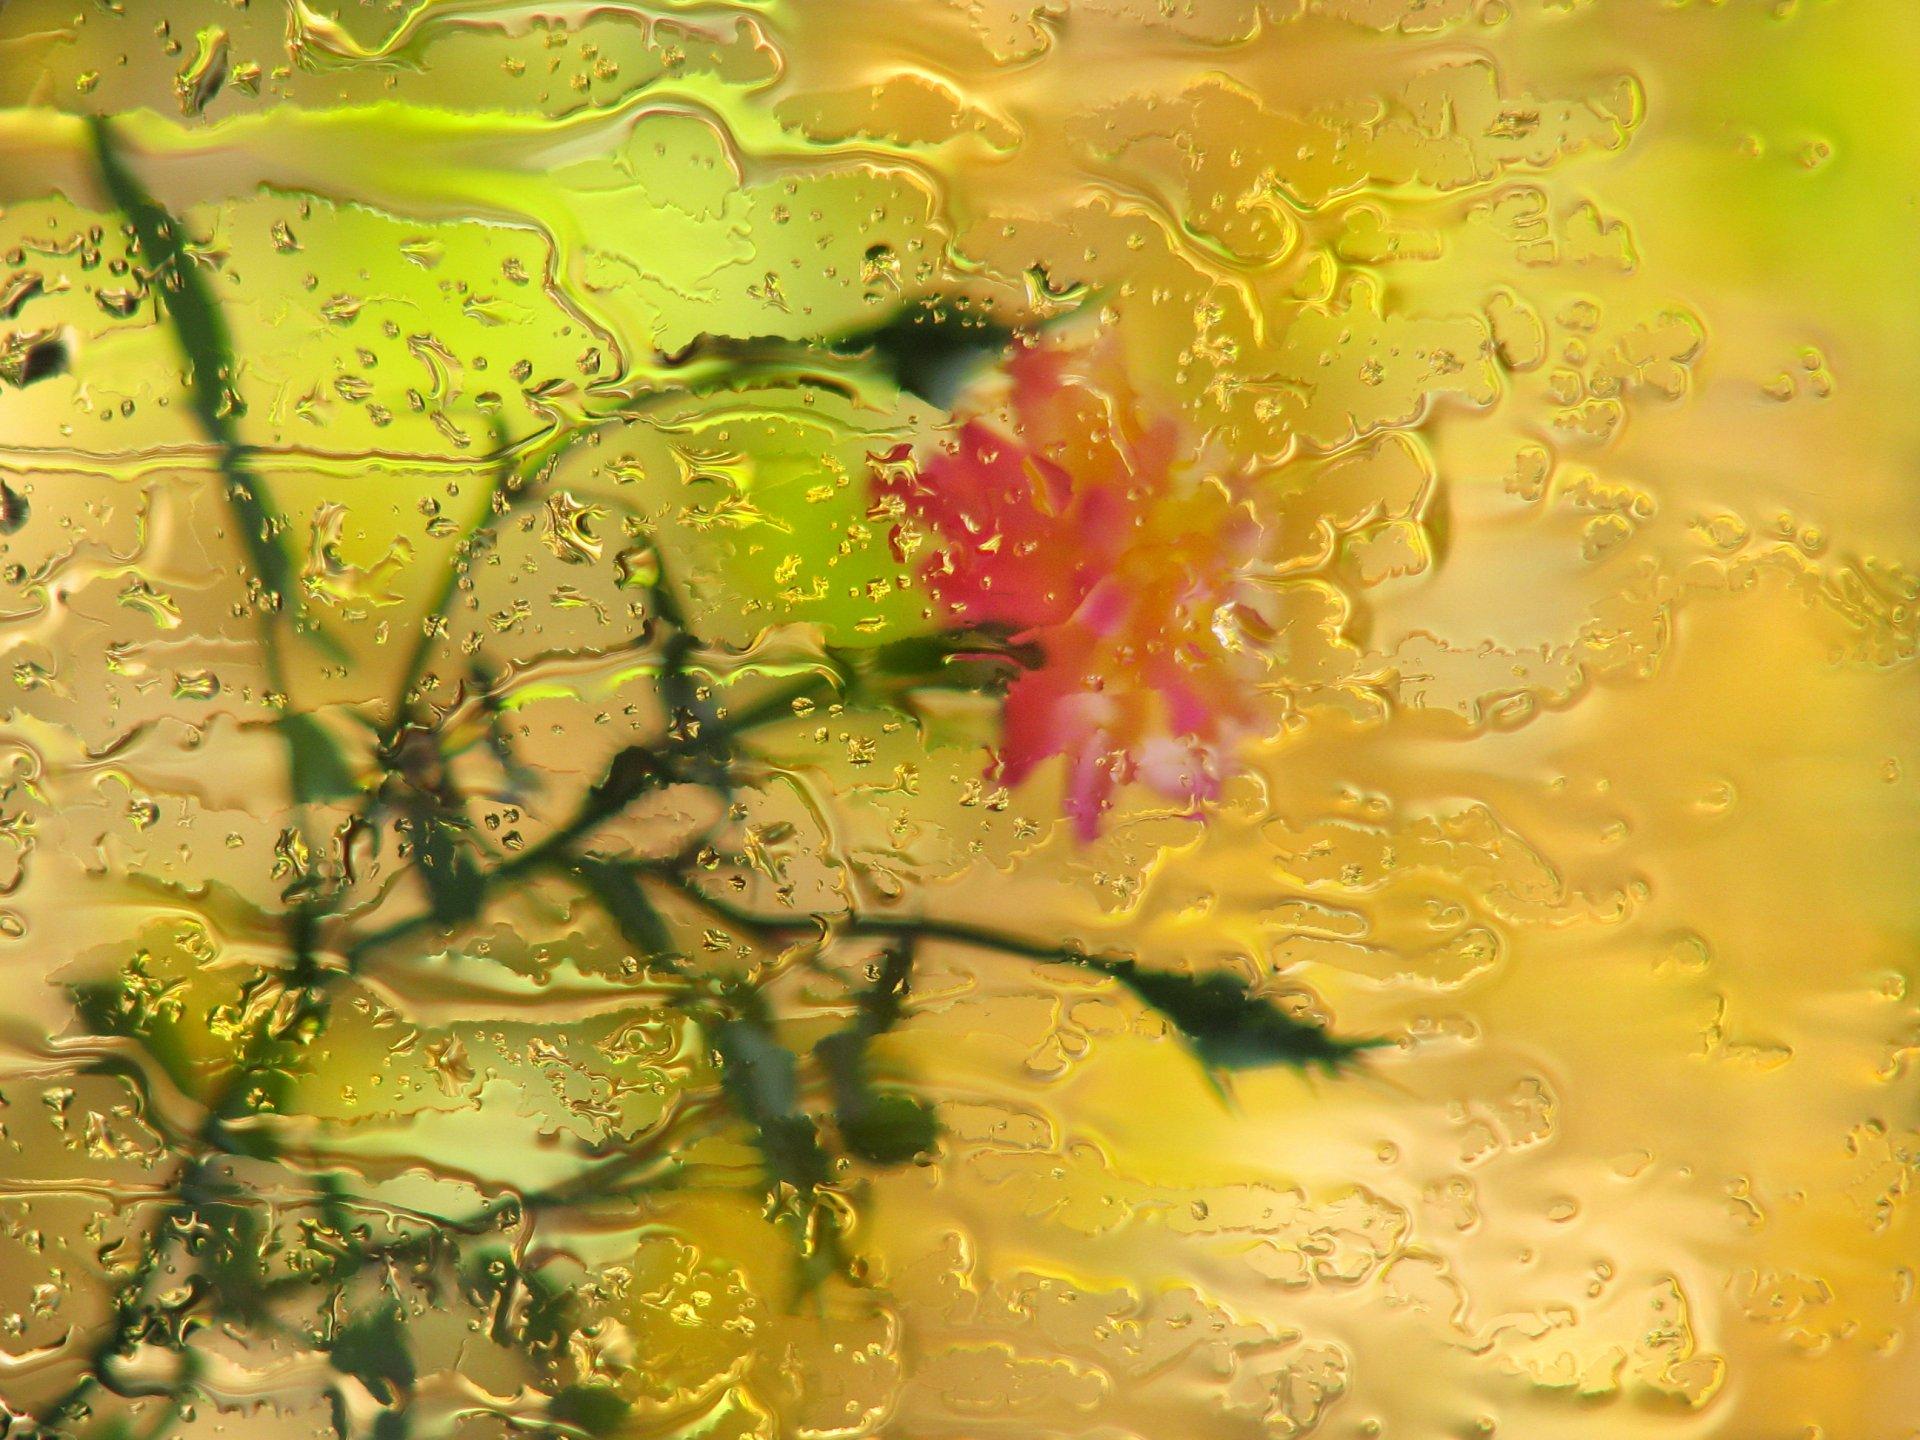 Открытки дождь и цветы, улыбка счастье открытки